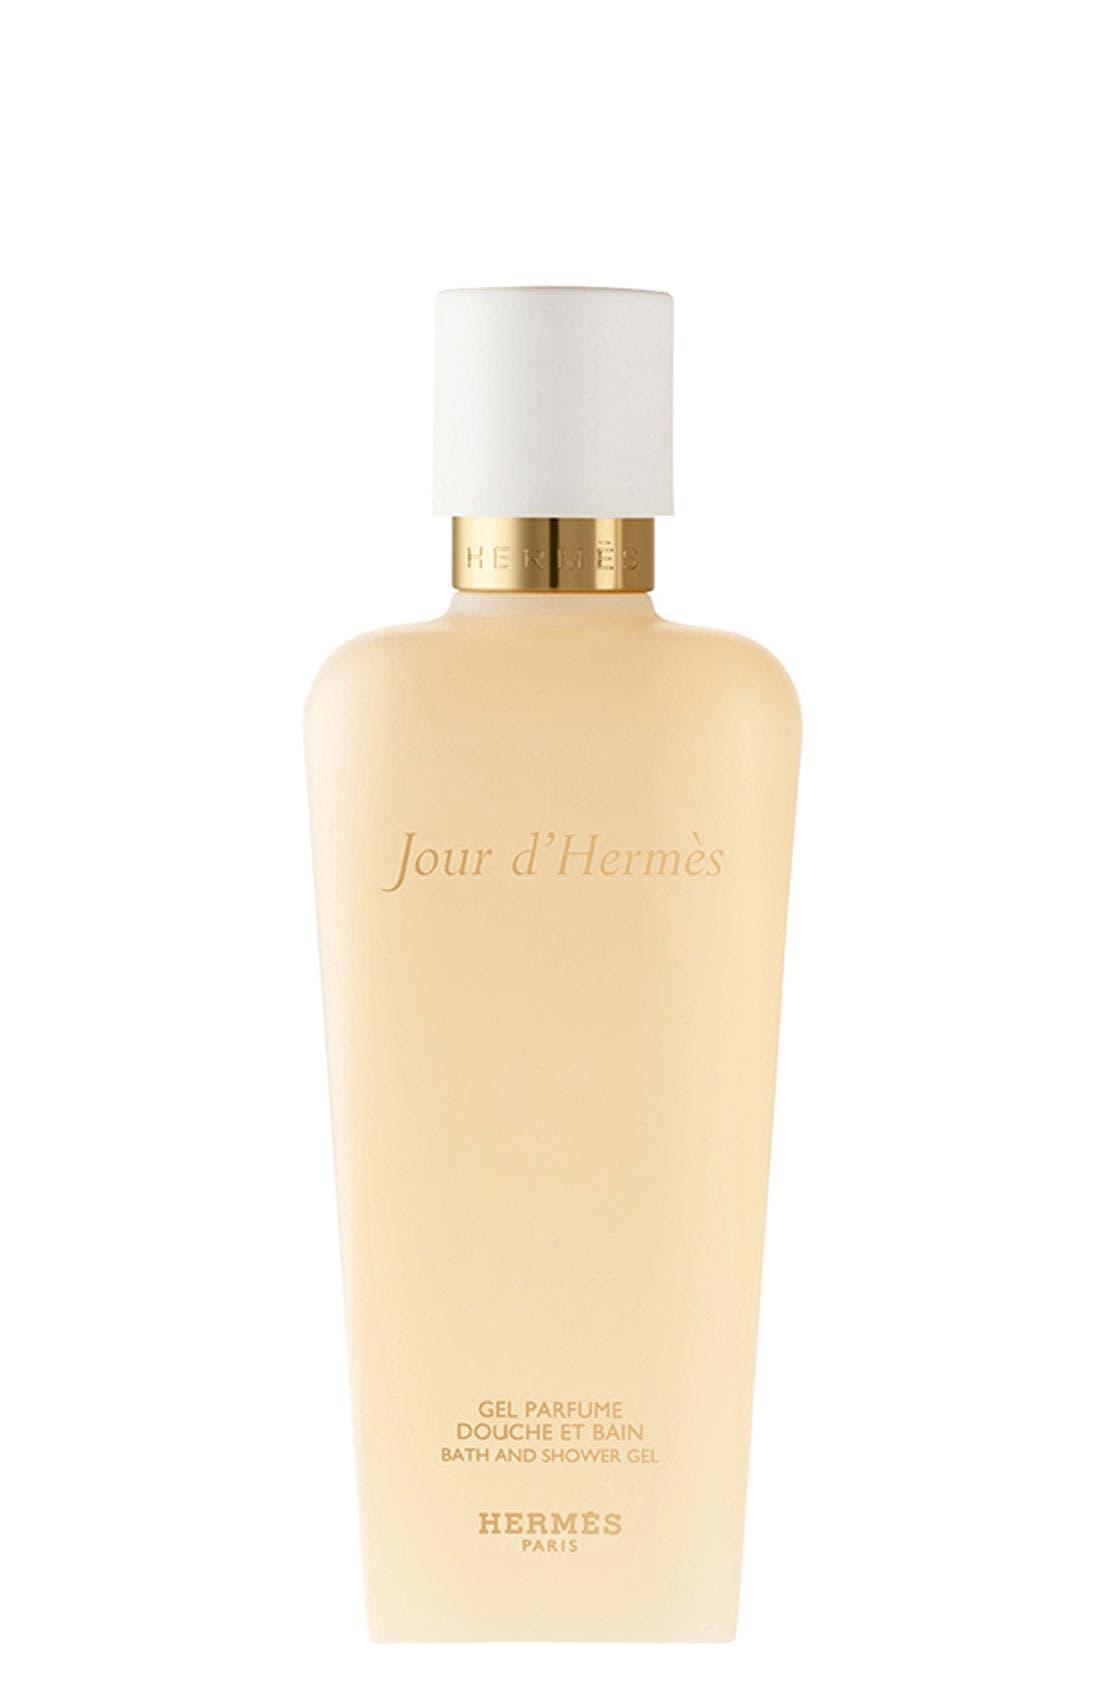 JOUR D HERMES Hermès Jour d'Hermès - Perfumed bath and shower gel, Main, color, 000